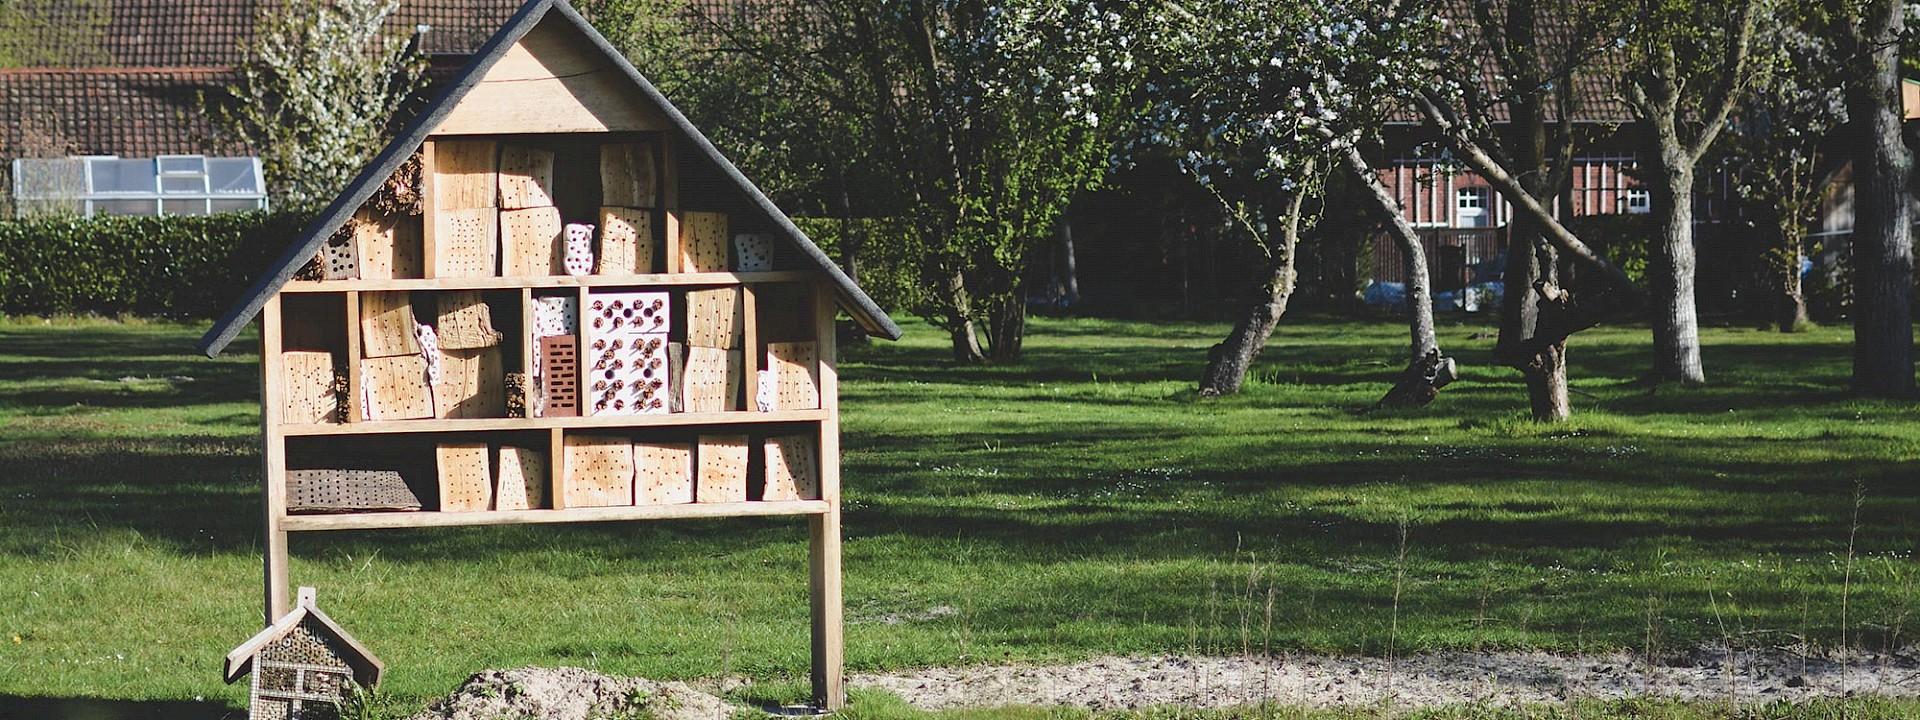 Nachmachen erlaubt Ideenkiste aus dem Münsterland